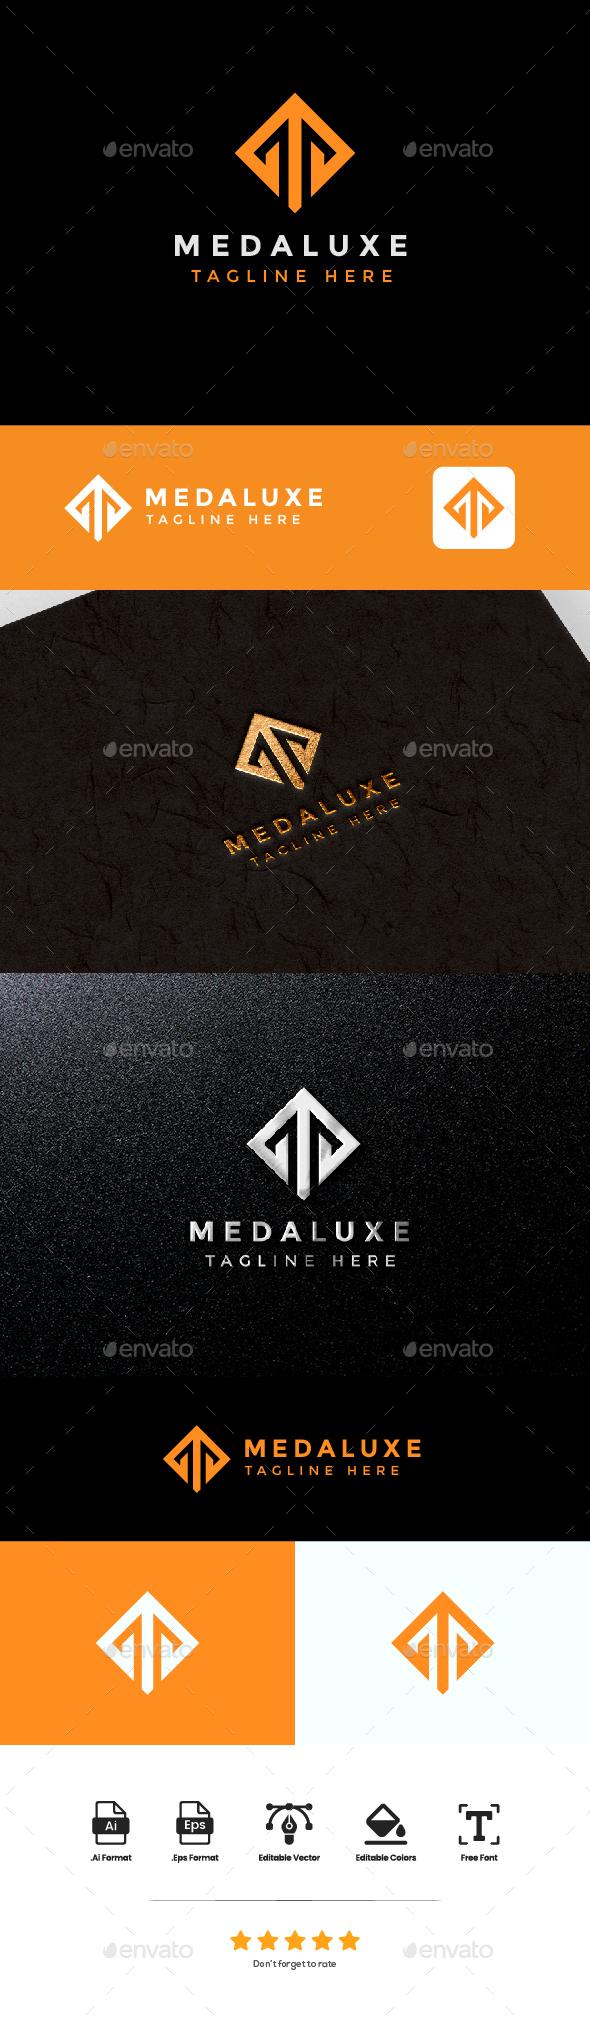 logo Letter M - Medaluxe